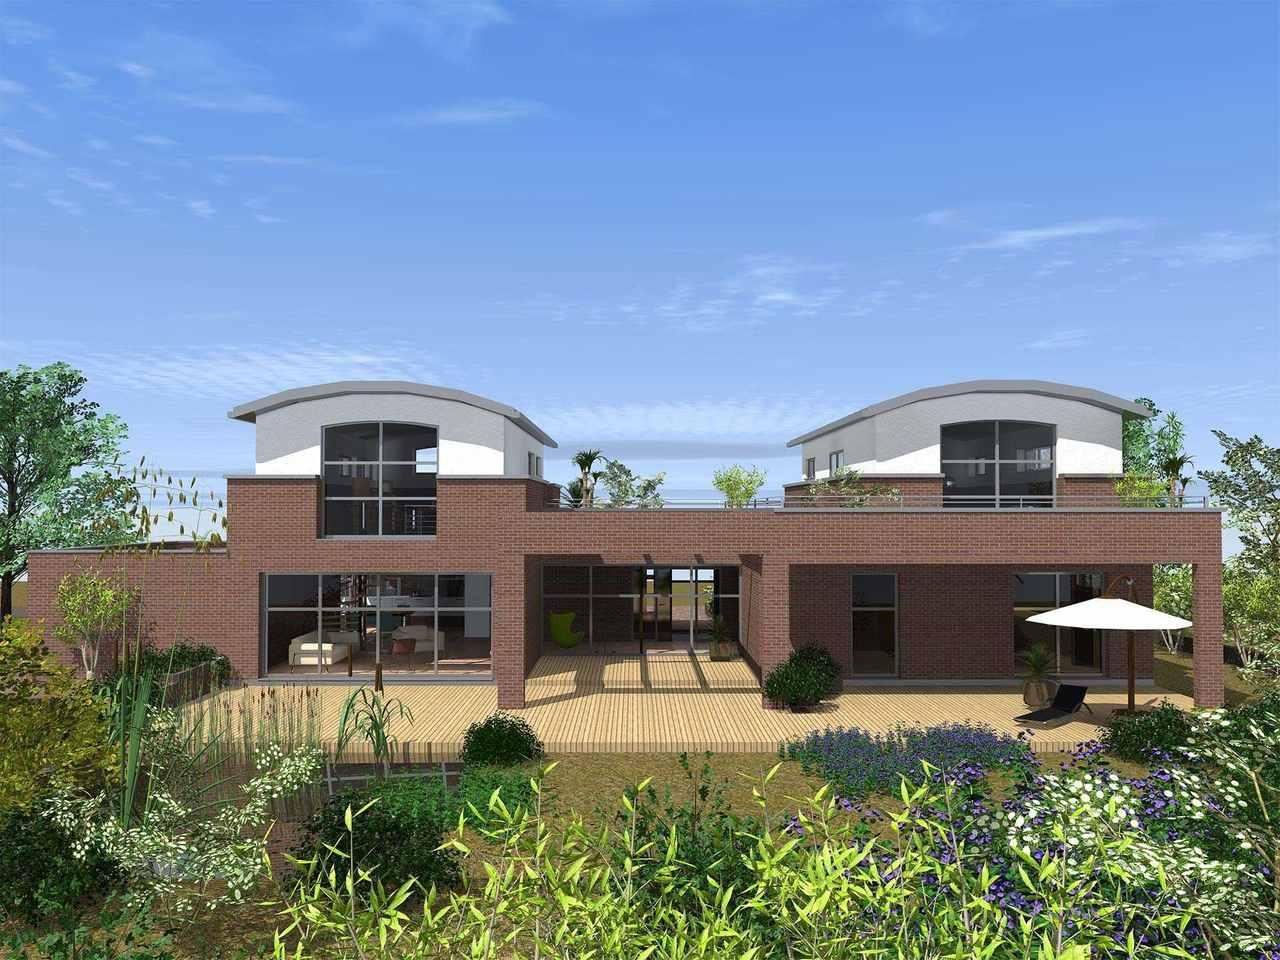 Comfort 310 Terrasse von vorne (Putz- und Klinkerfassade)